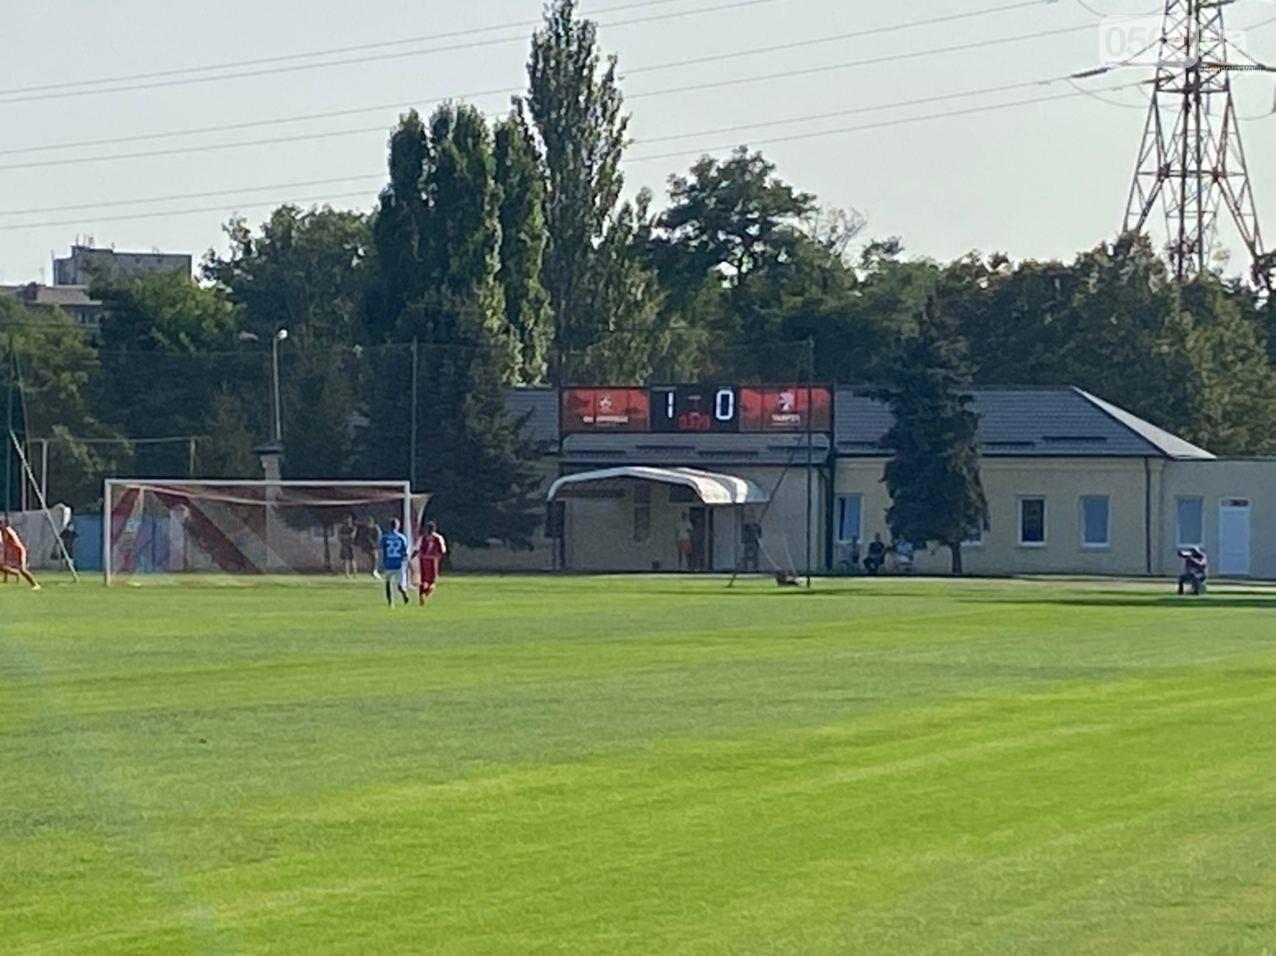 В Кривом Роге начался матч между ФК «Кривбасс» и ФК «Таврия»,  - ФОТО, ВИДЕО, фото-5